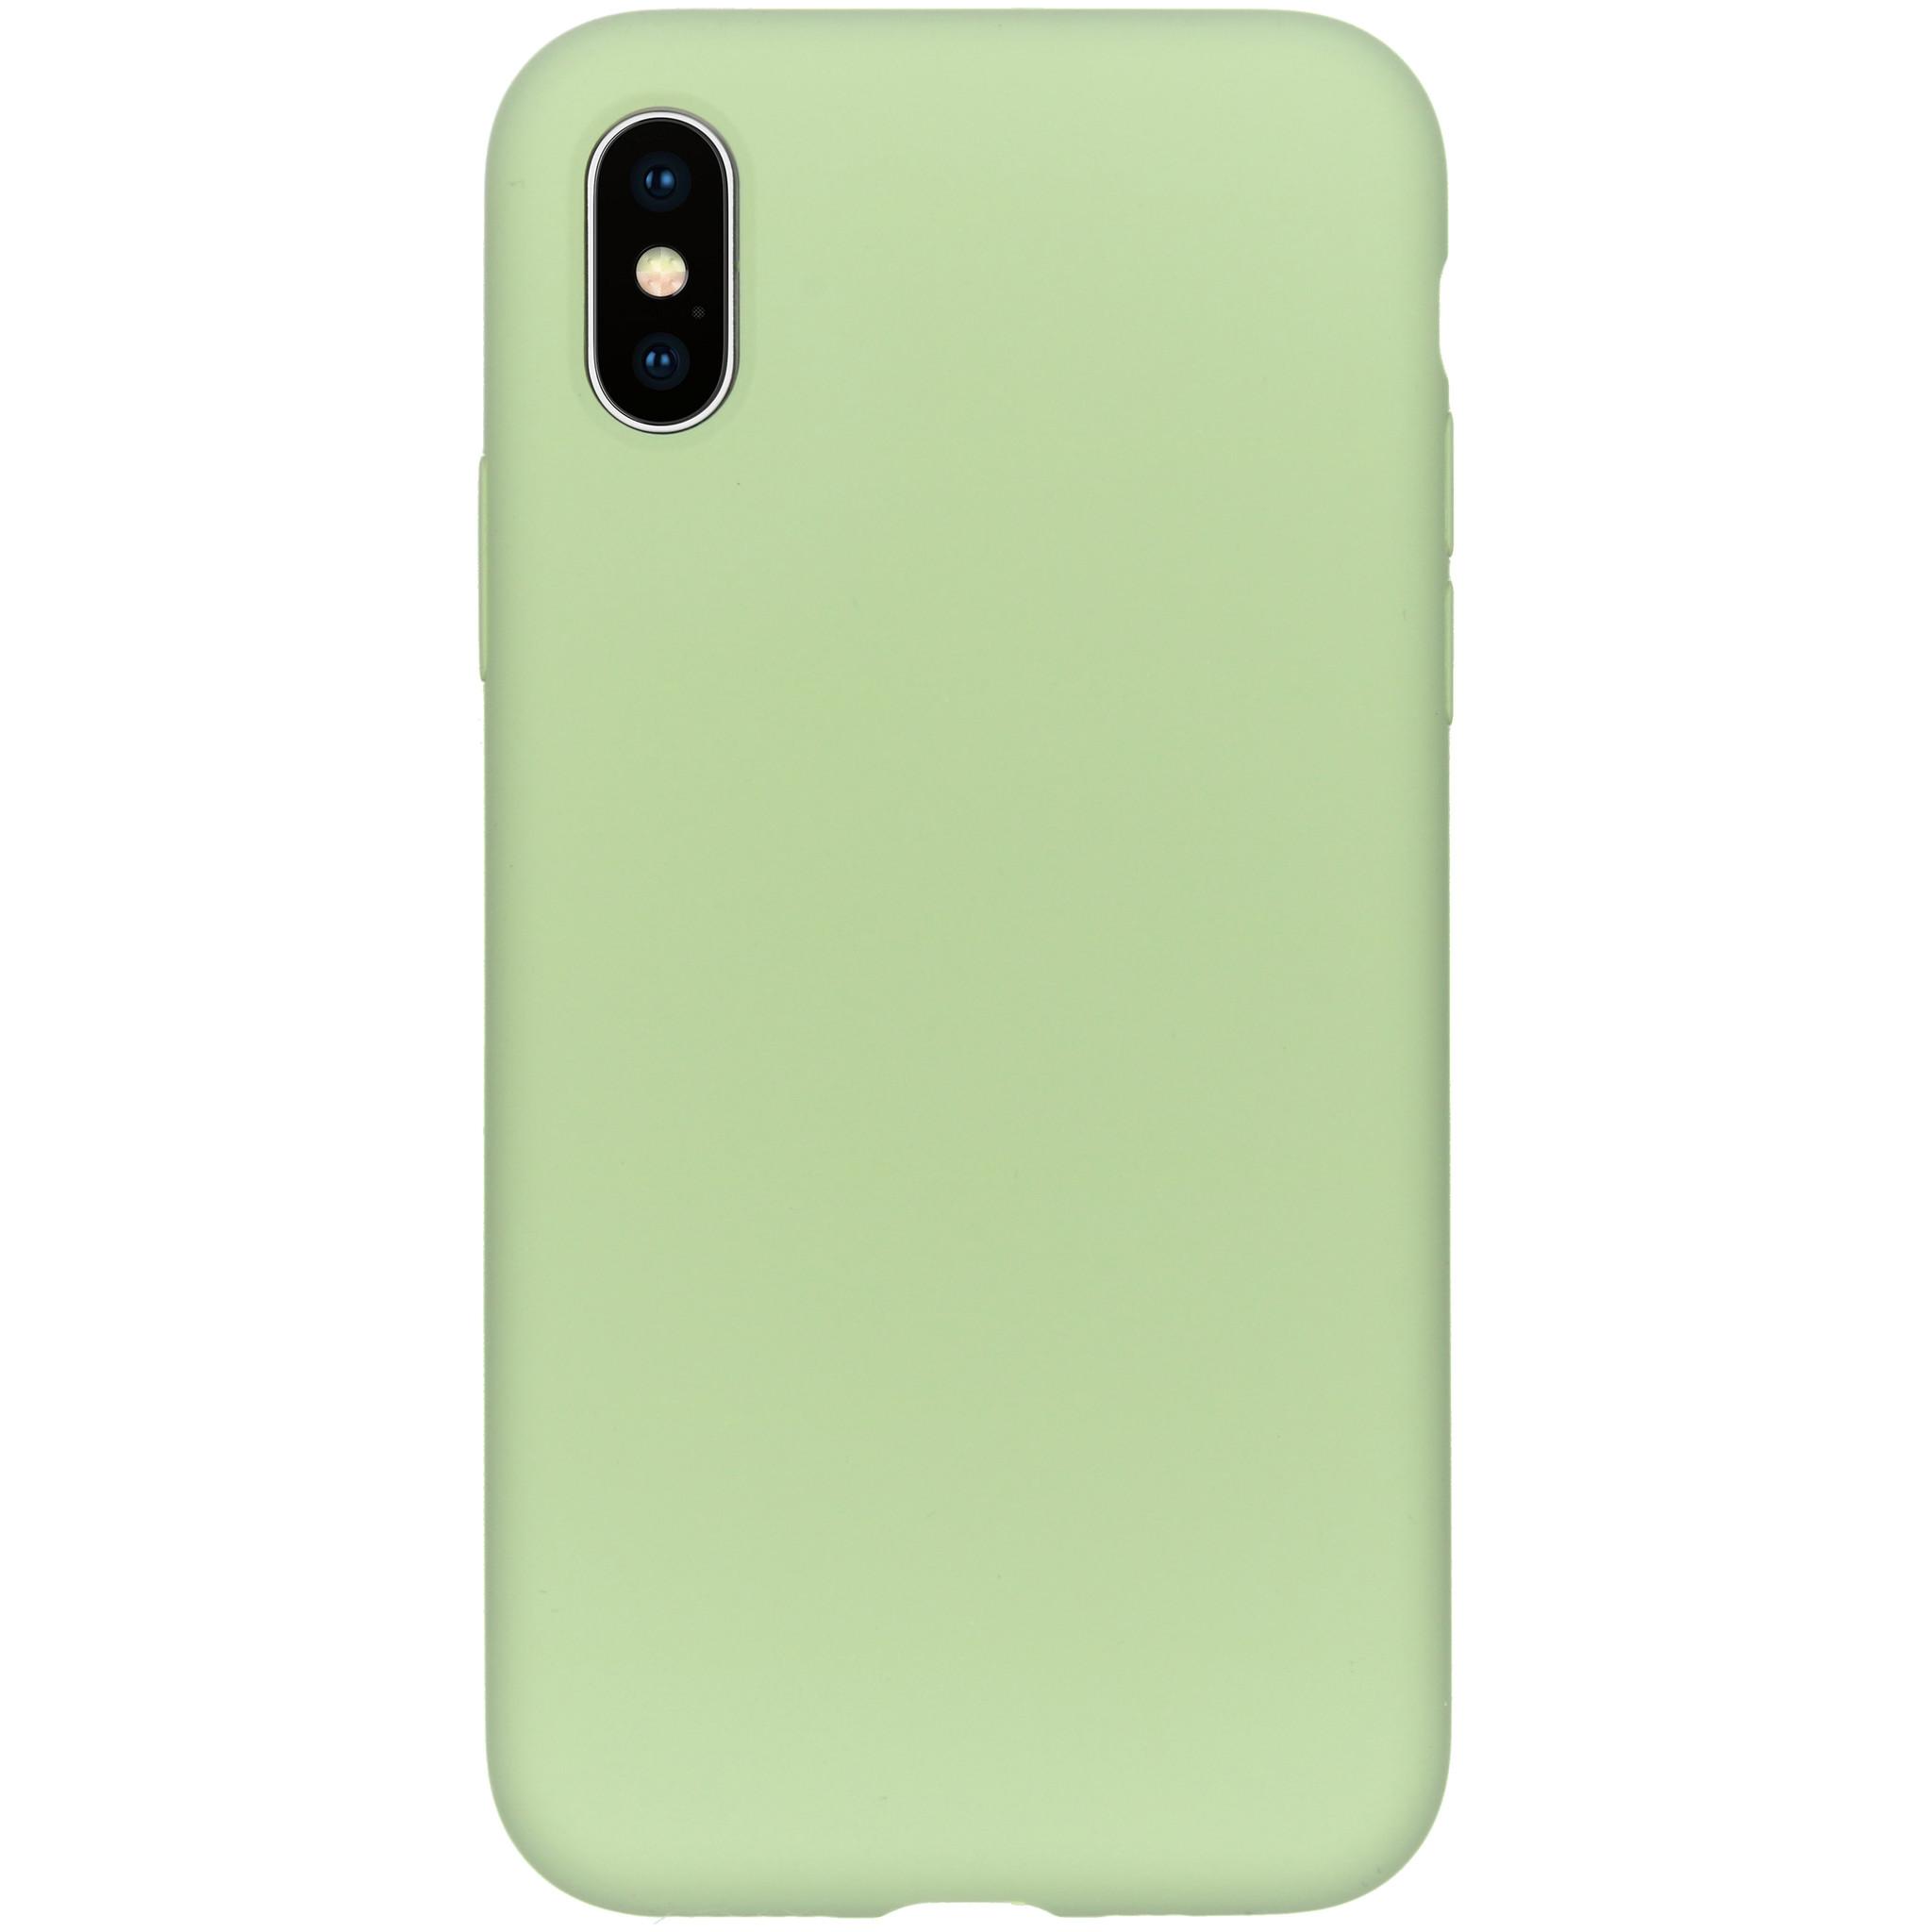 Accezz Liquid Silikoncase Grün für das iPhone Xs / X